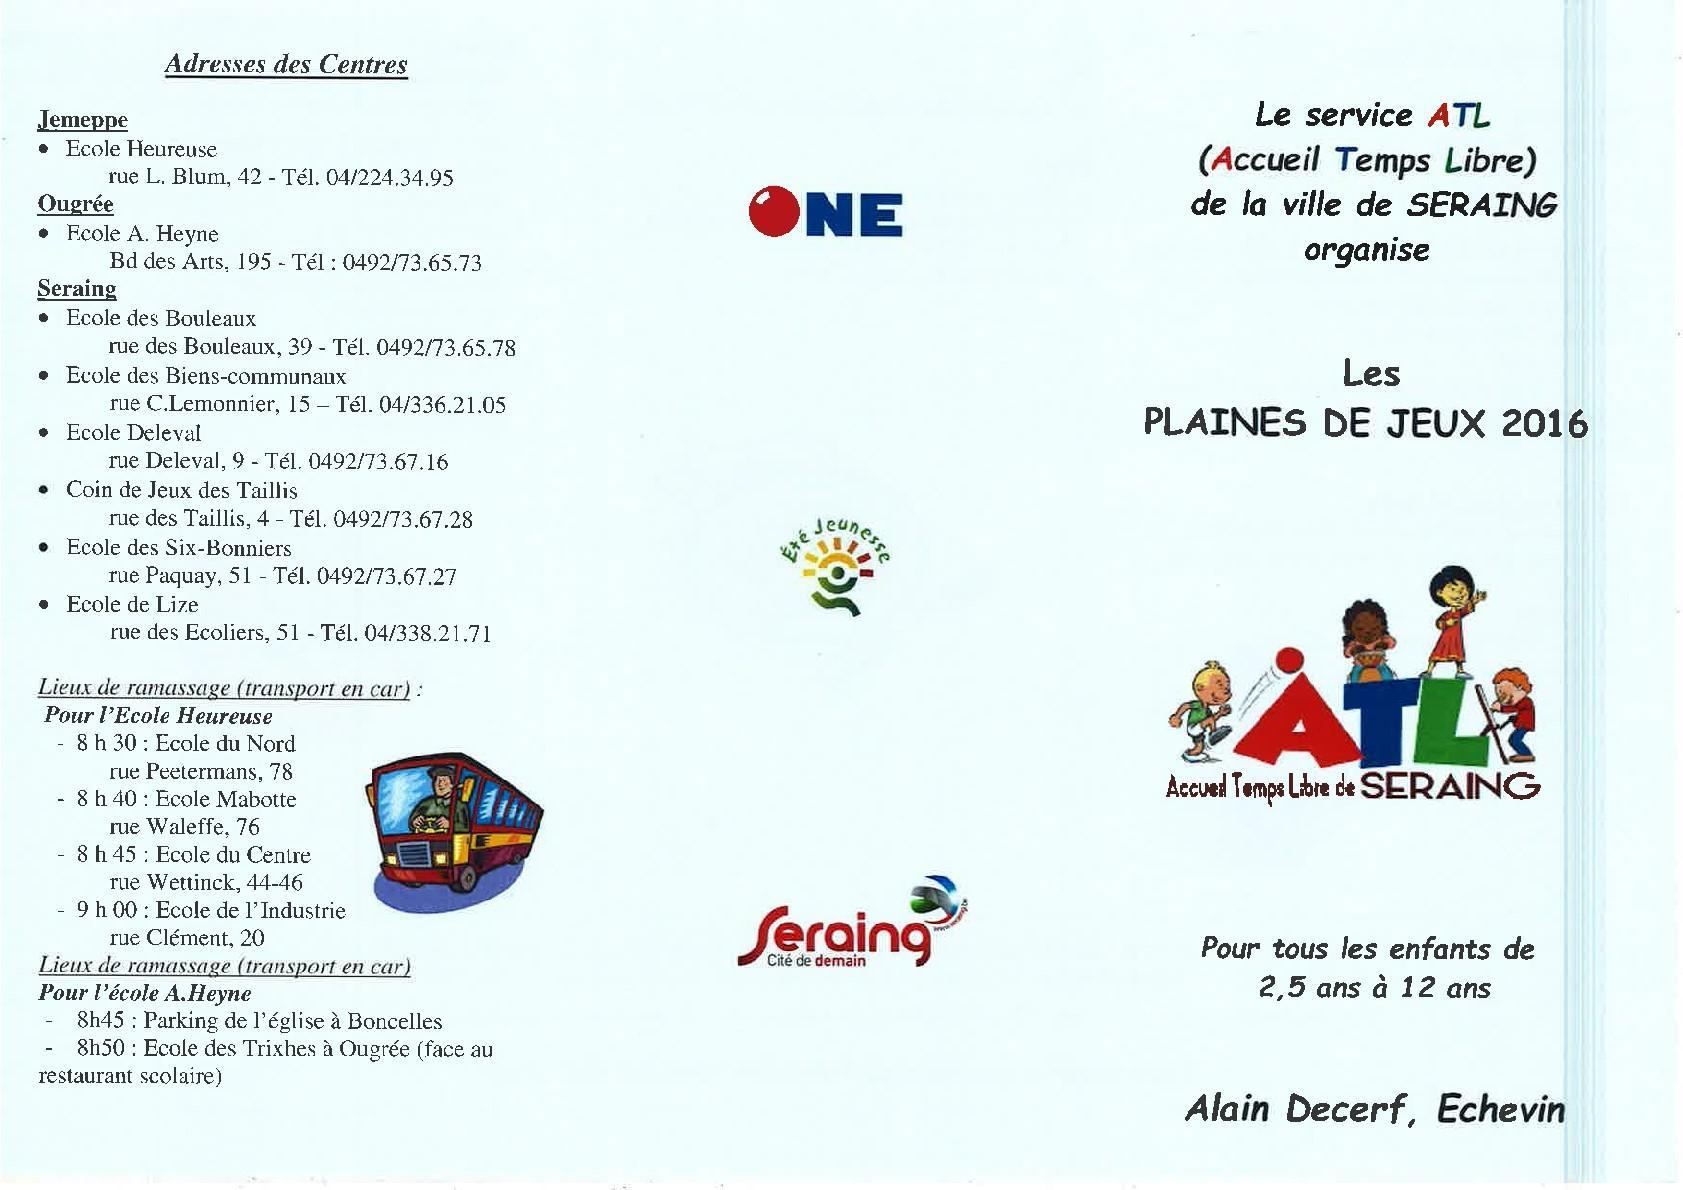 plaines_de_jeux_ATL